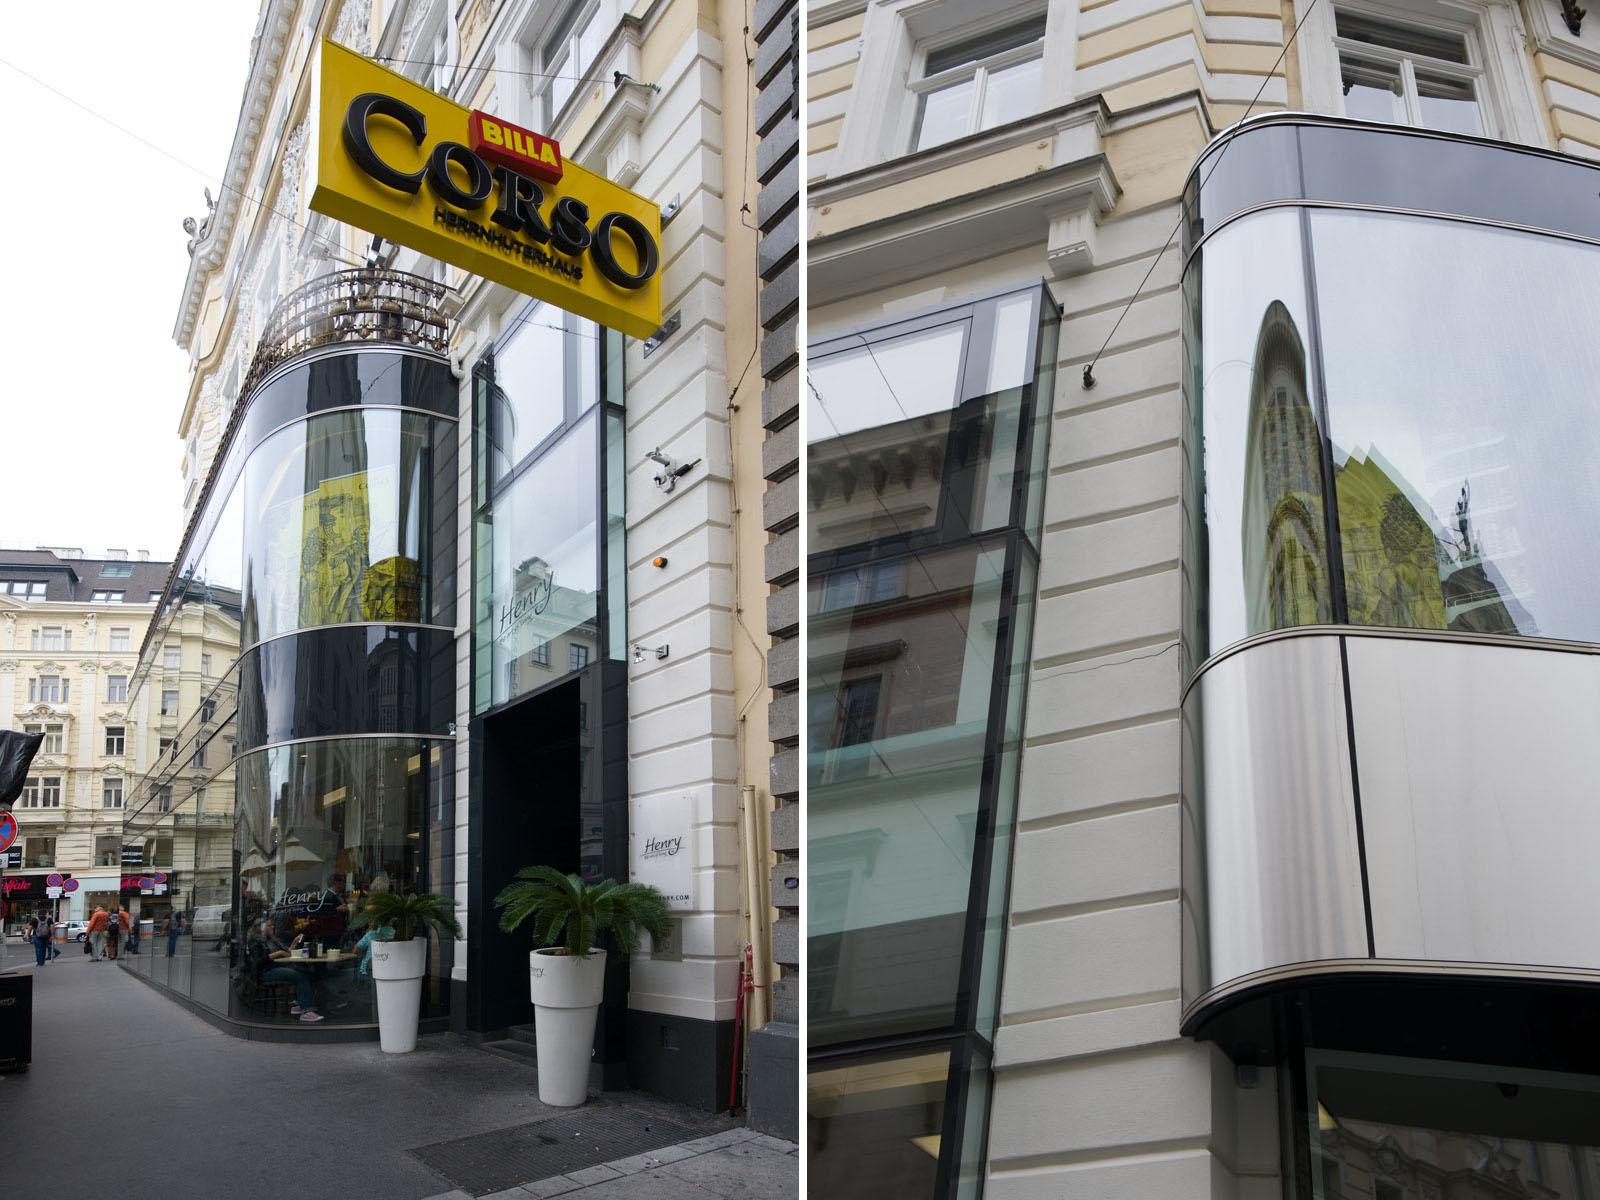 Nurglasfassade gebogen_Wien (1)